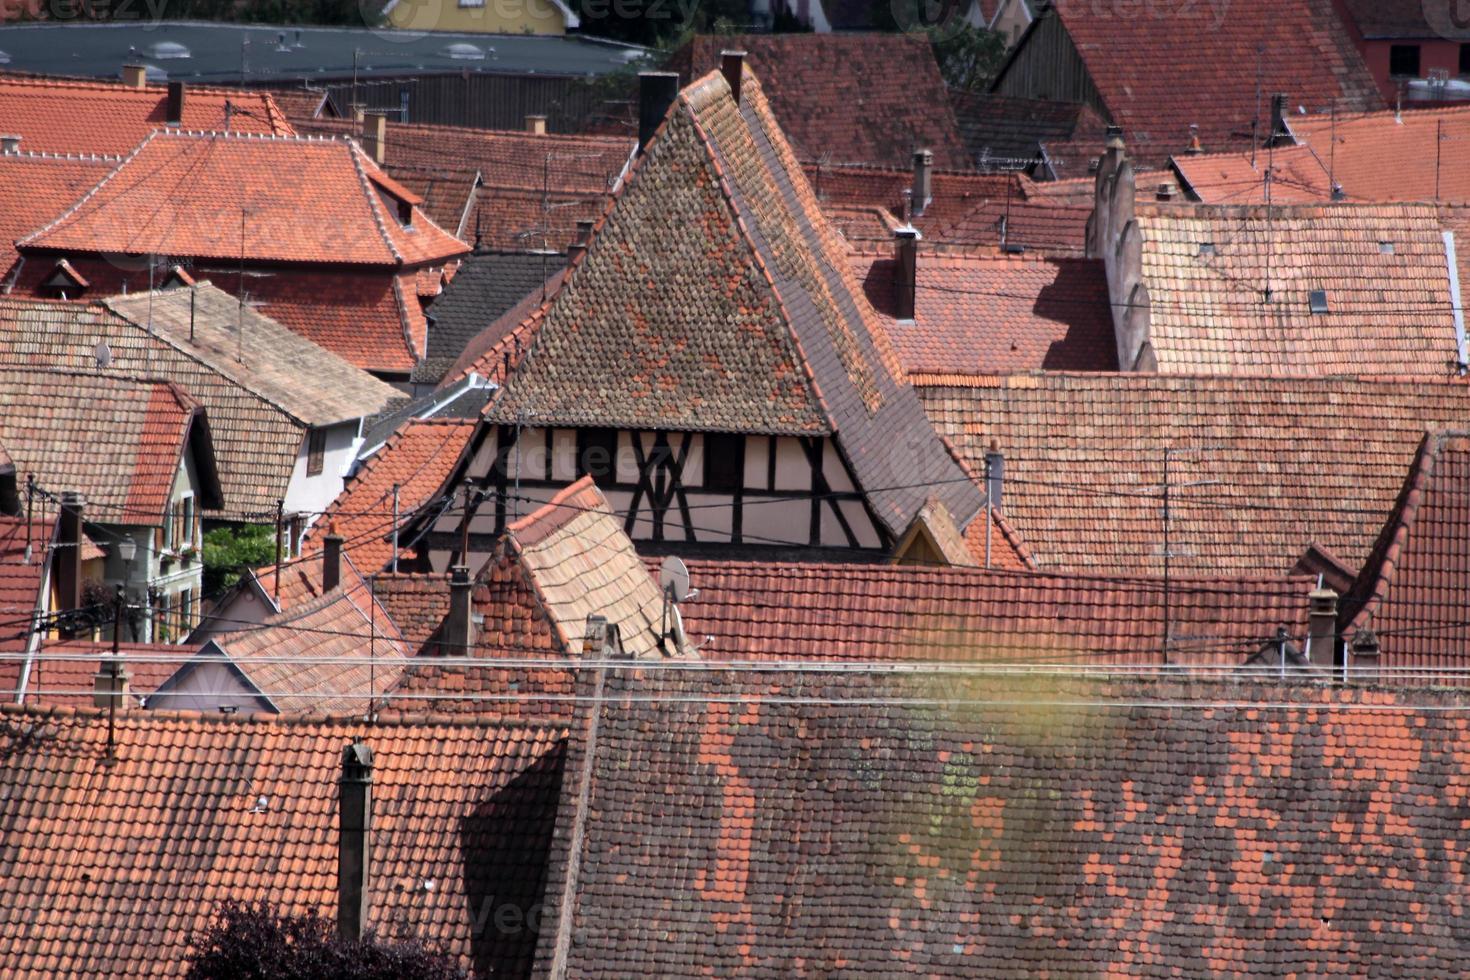 Dorf mit roten Ziegeldächern foto